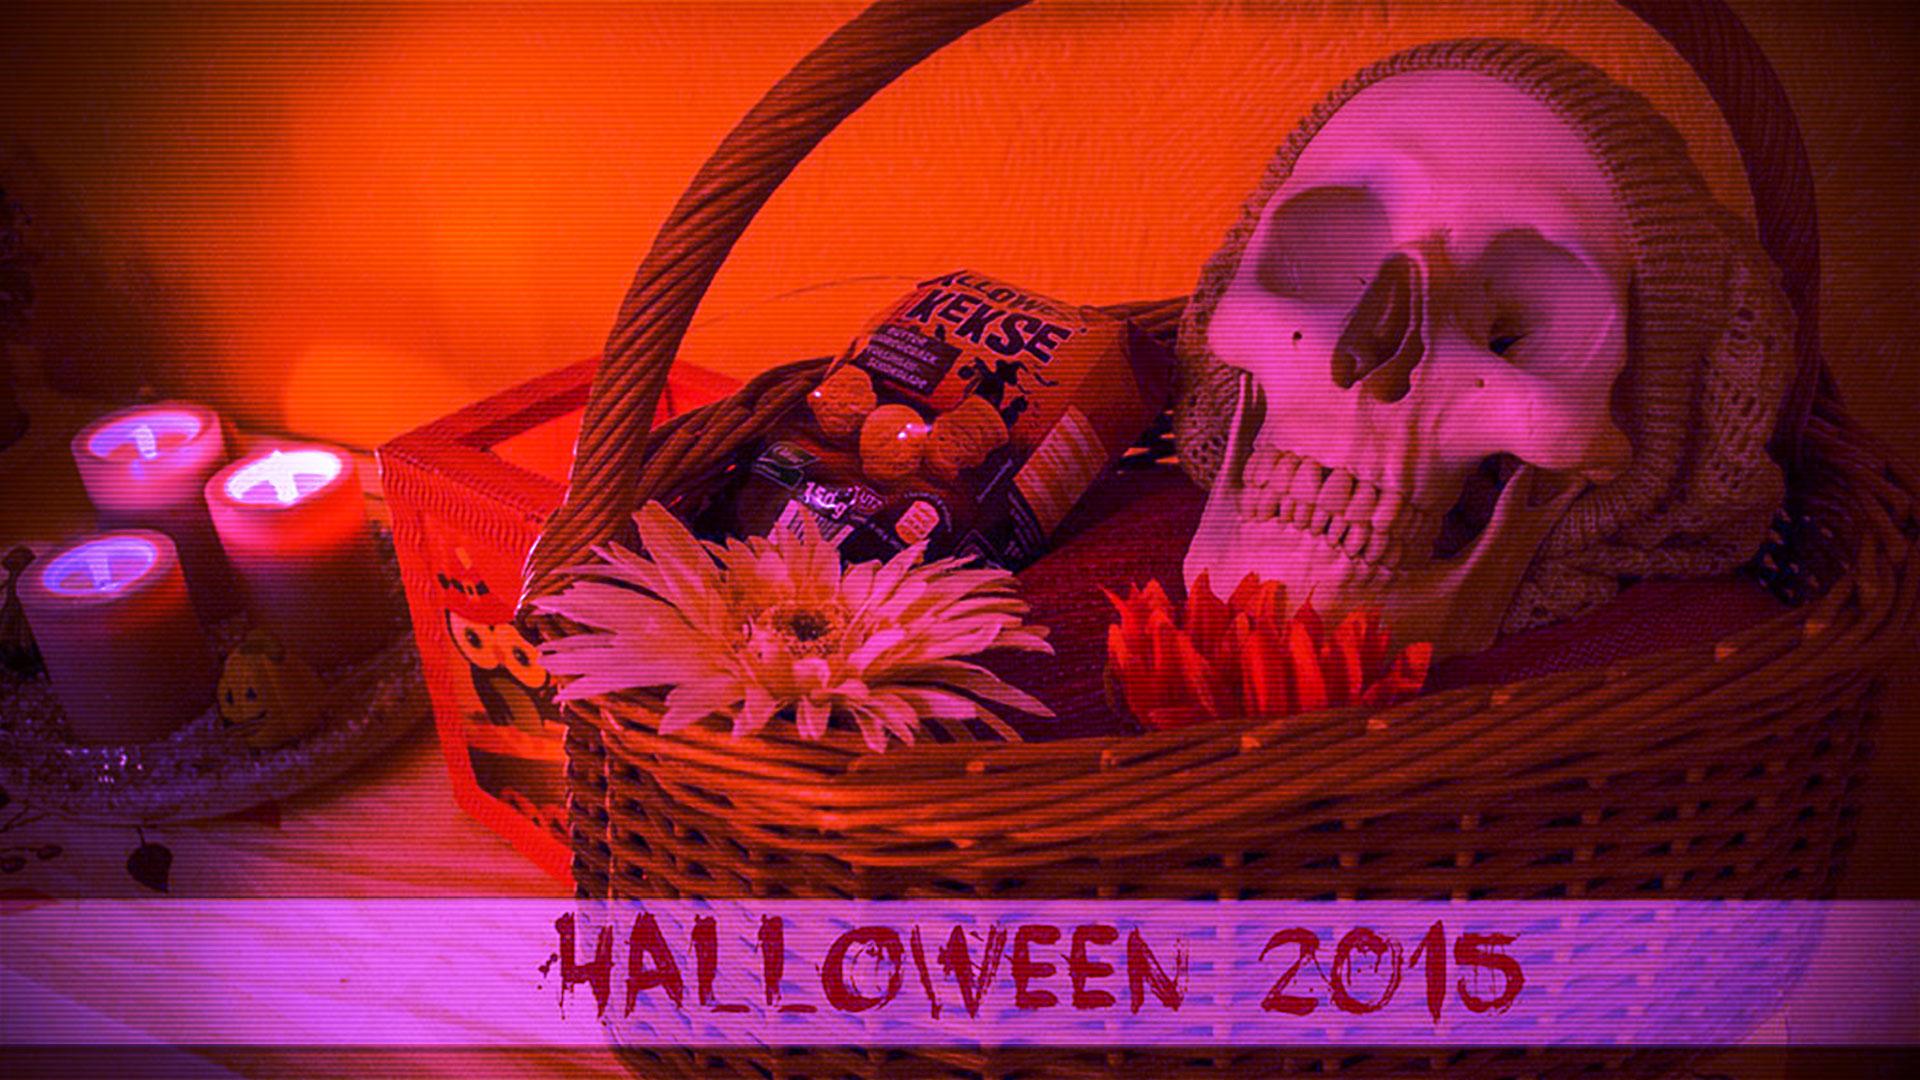 Halloween 2015 – Repost